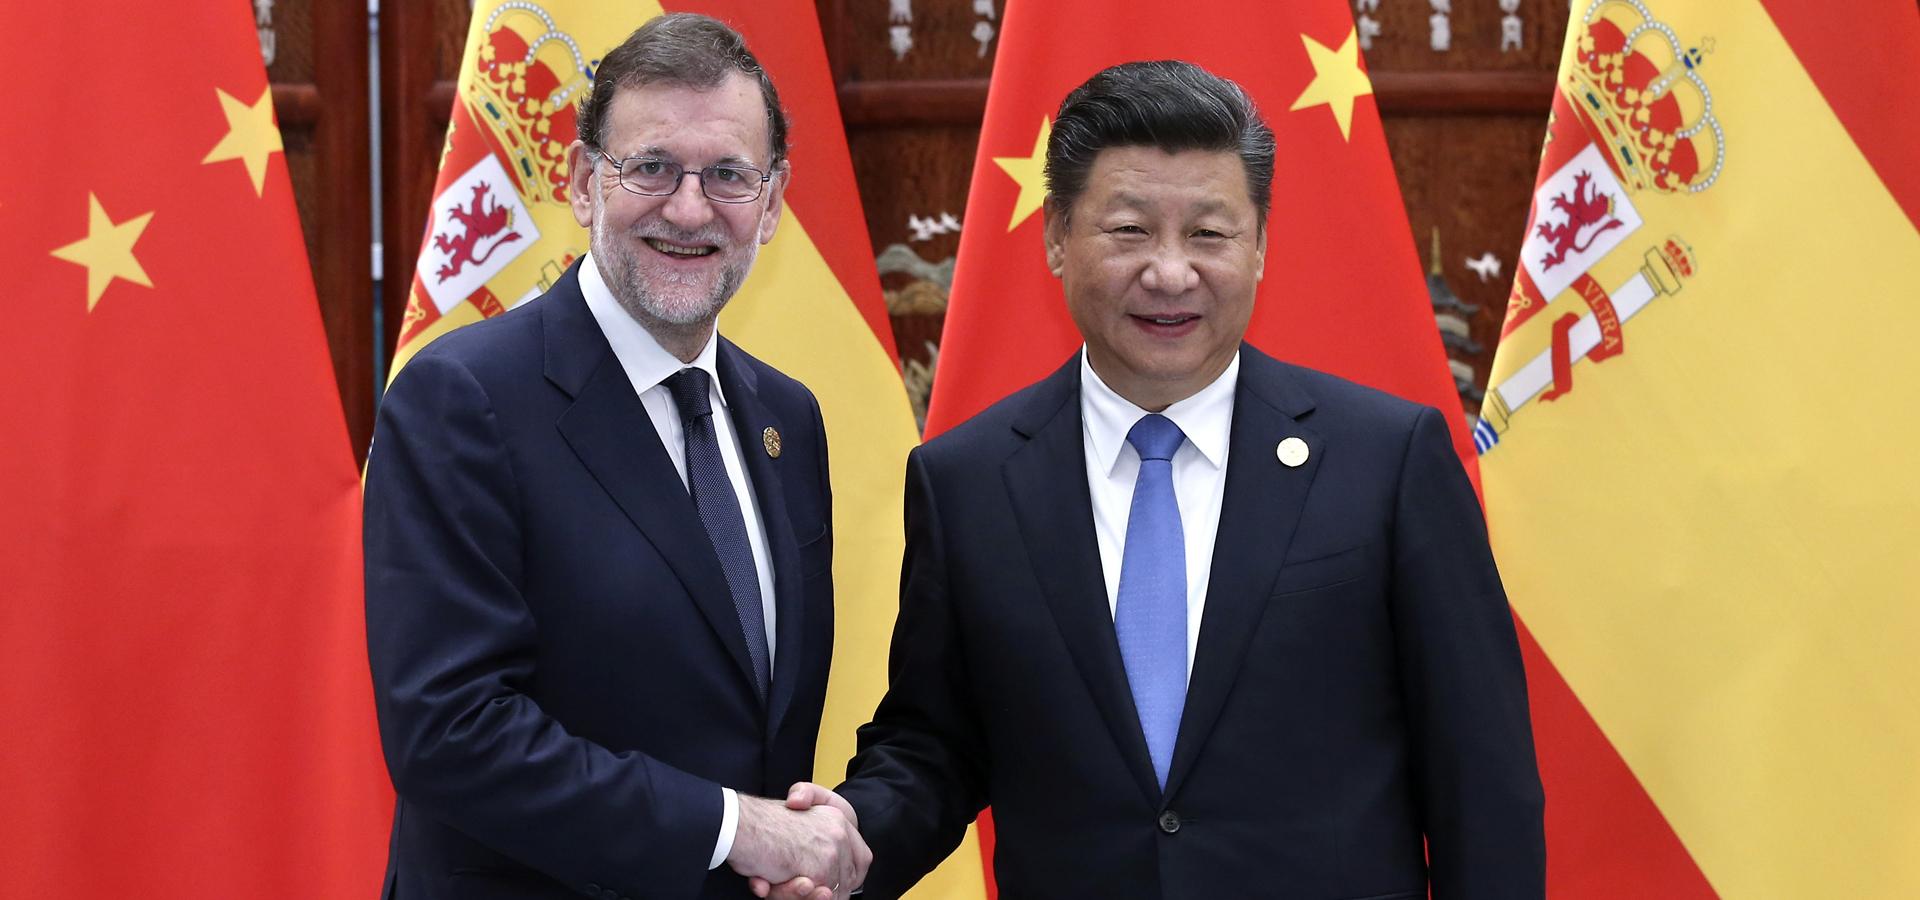 習近平會見西班牙首相拉霍伊